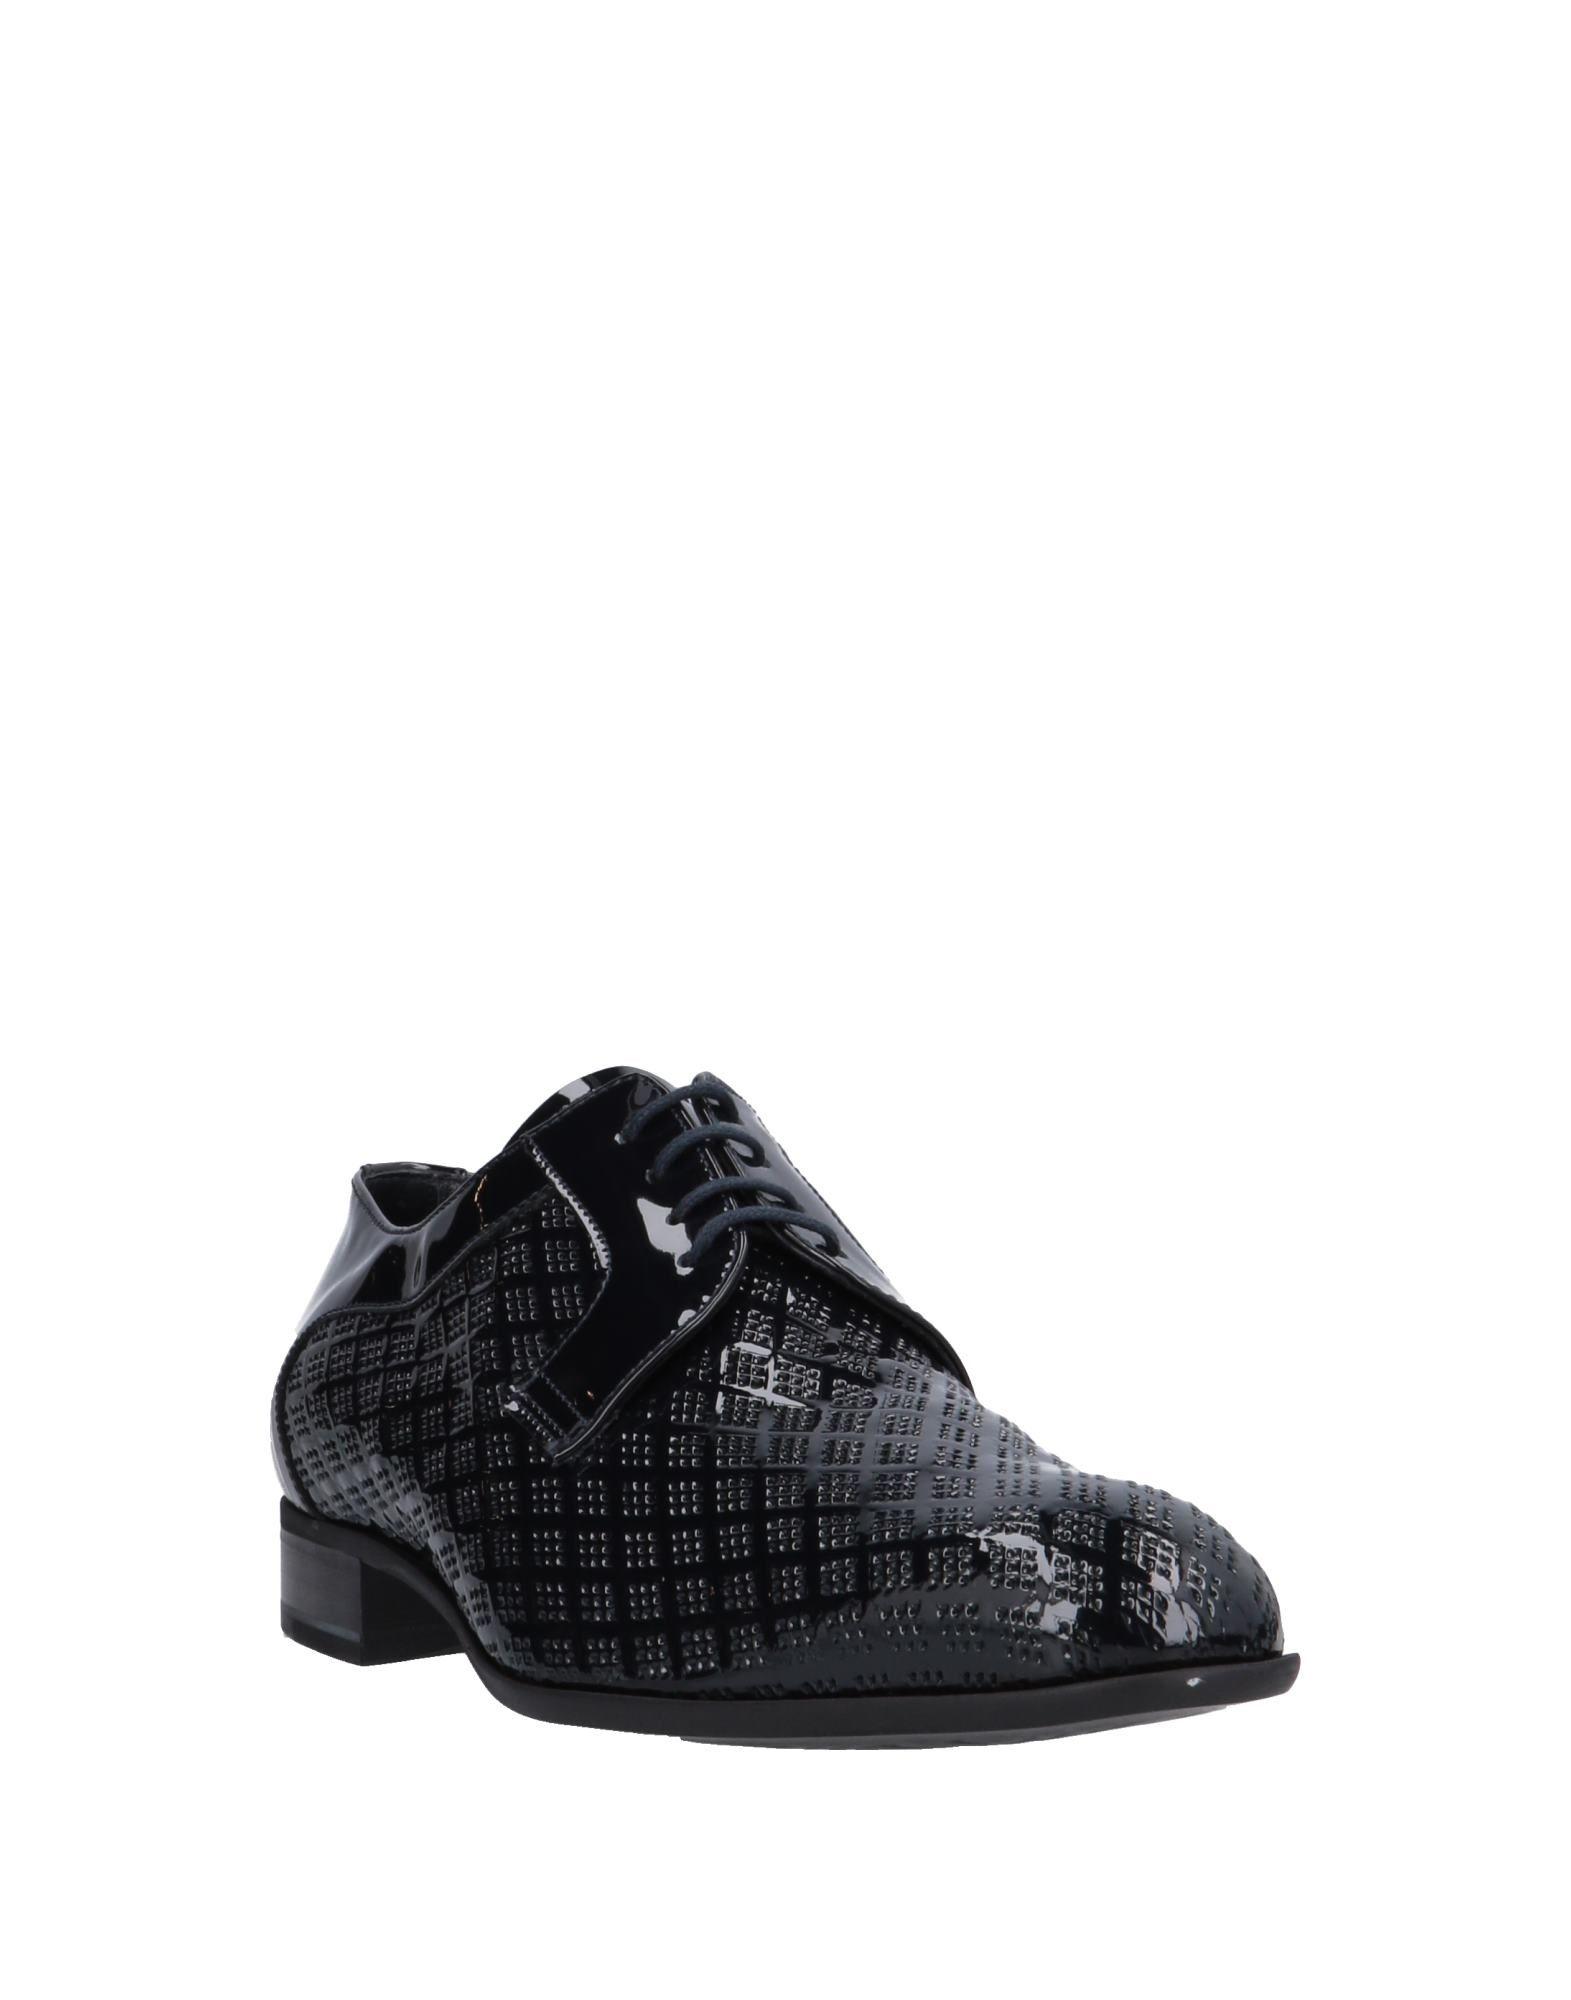 Rabatt echte Schuhe Fratelli Perez 11563742DI Schnürschuhe Herren  11563742DI Perez 4bca32